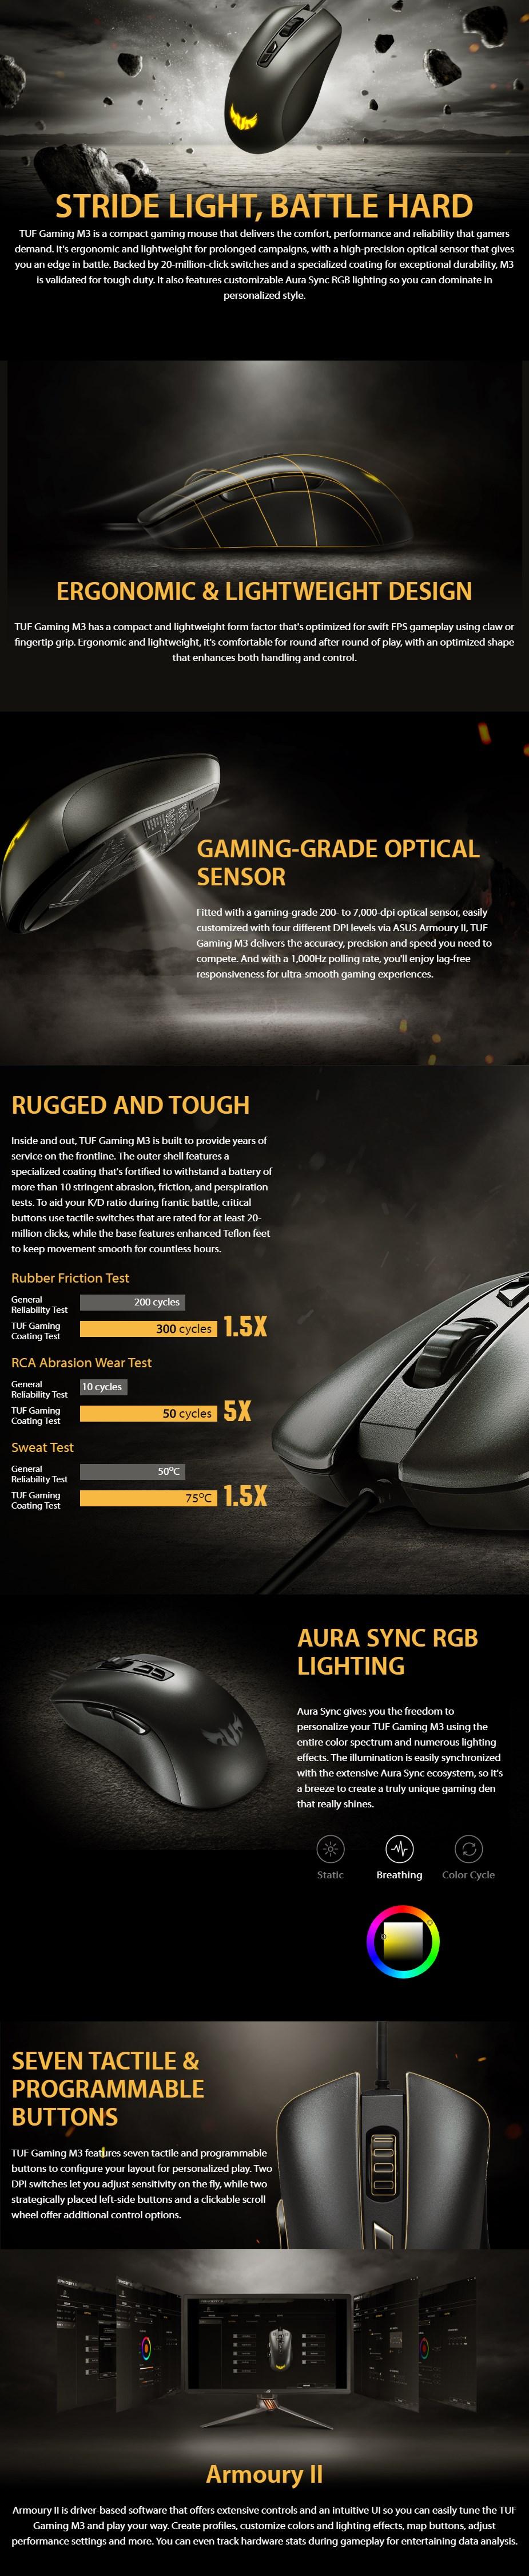 asus-tuf-gaming-m3-optical-gaming-mouse-ac28578-4.jpg